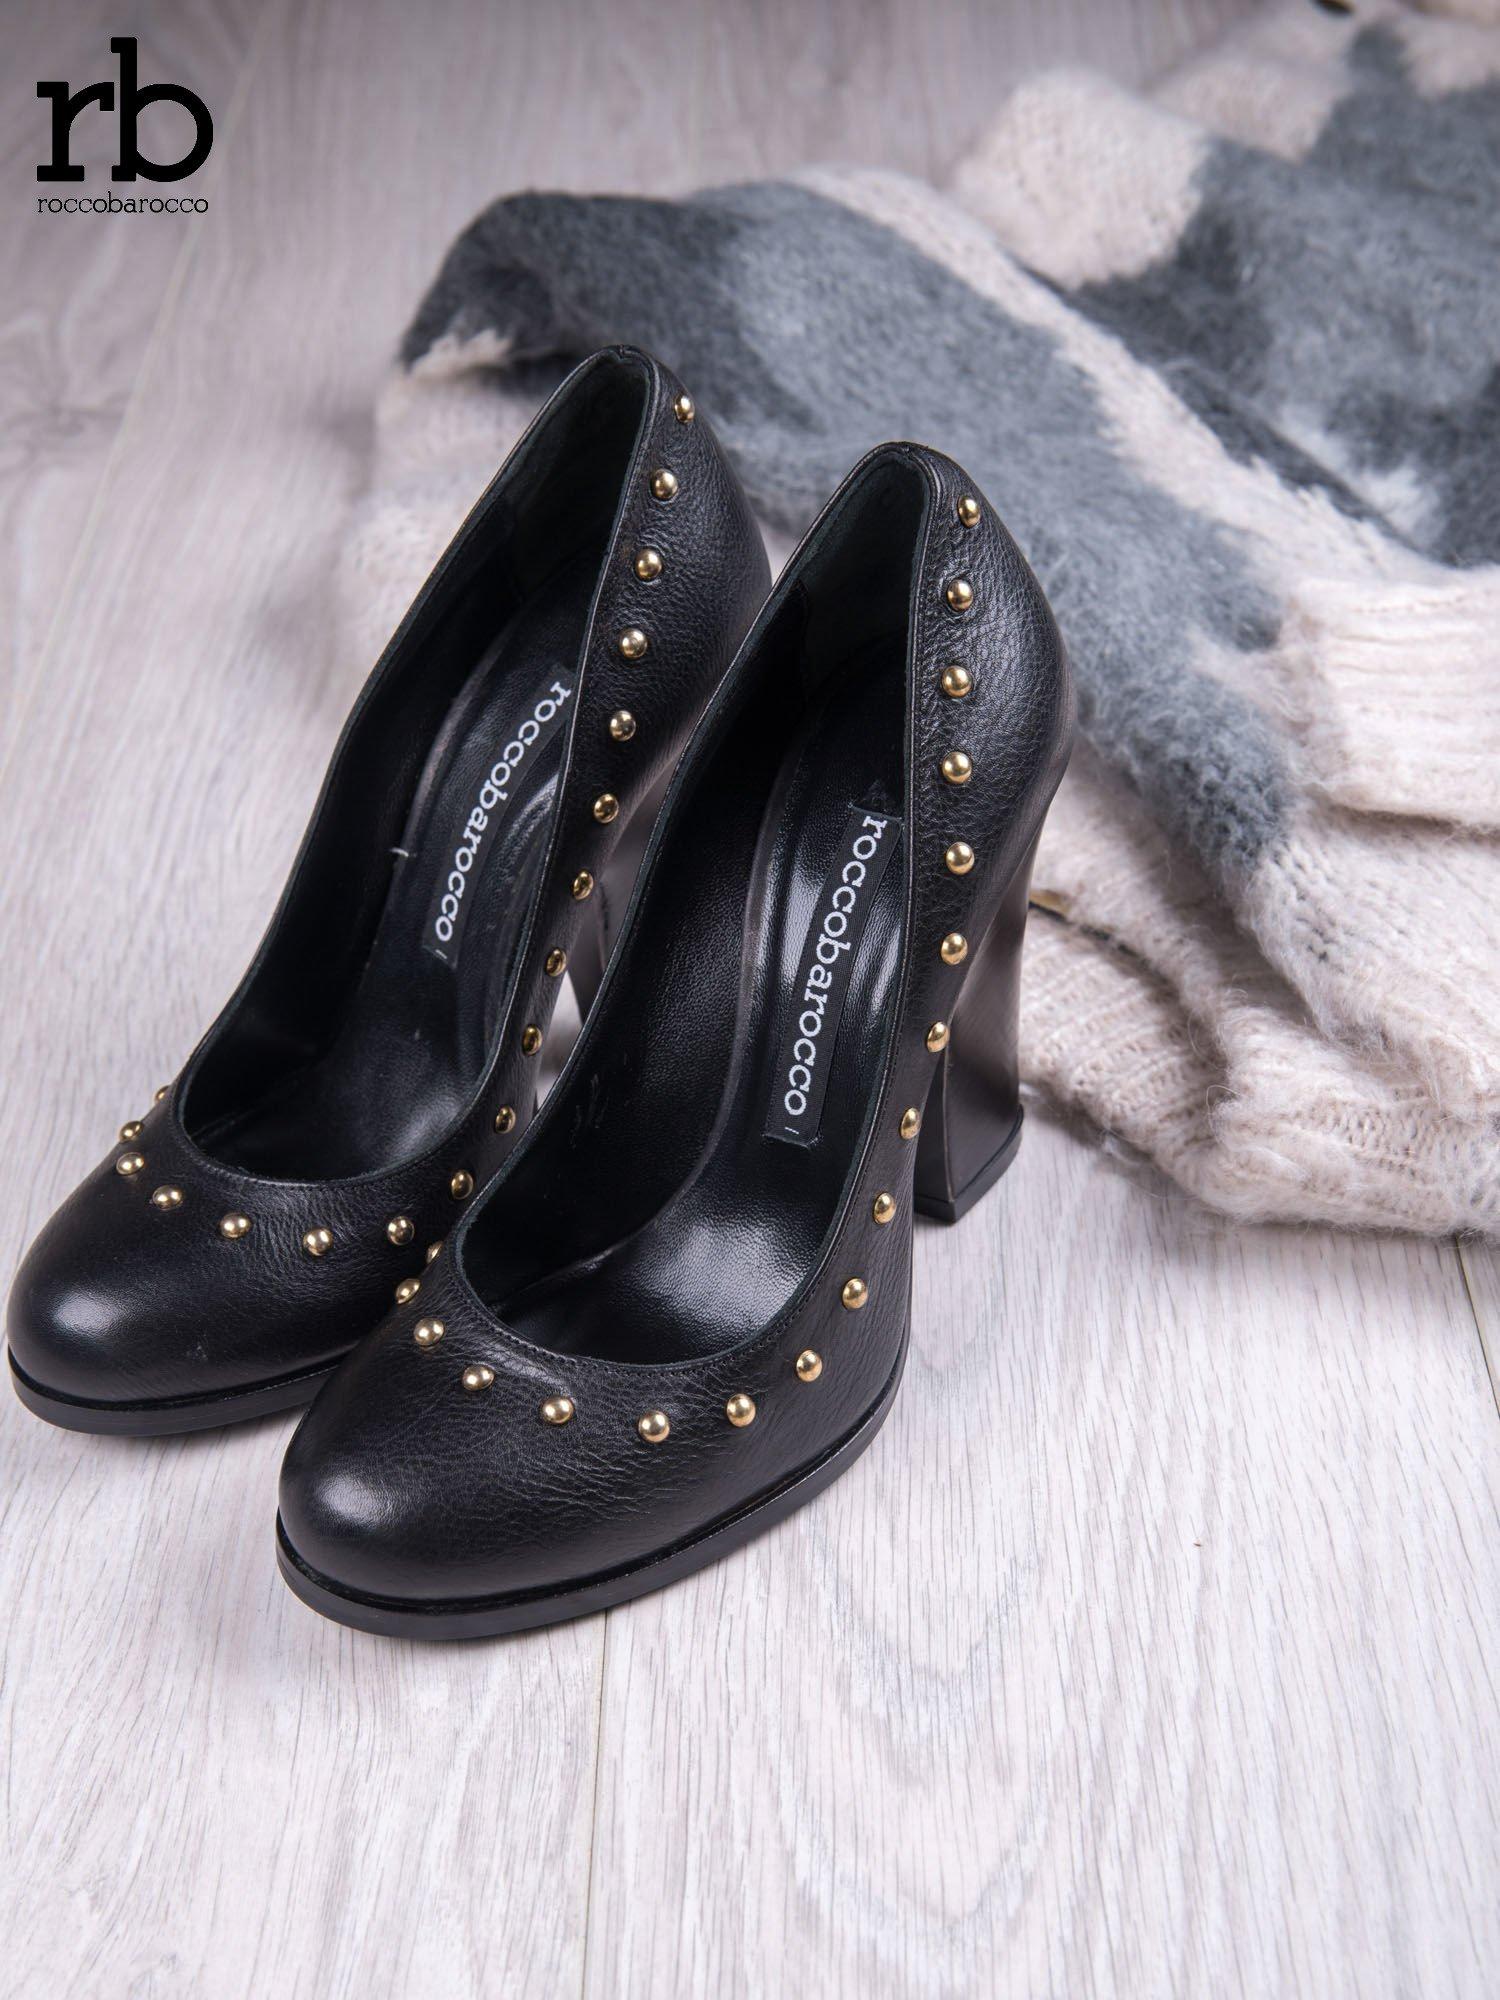 ROCCOBAROCCO Czarne skórzane czółenka grain leather na szerokim obcasie z ćwiekami                                  zdj.                                  2